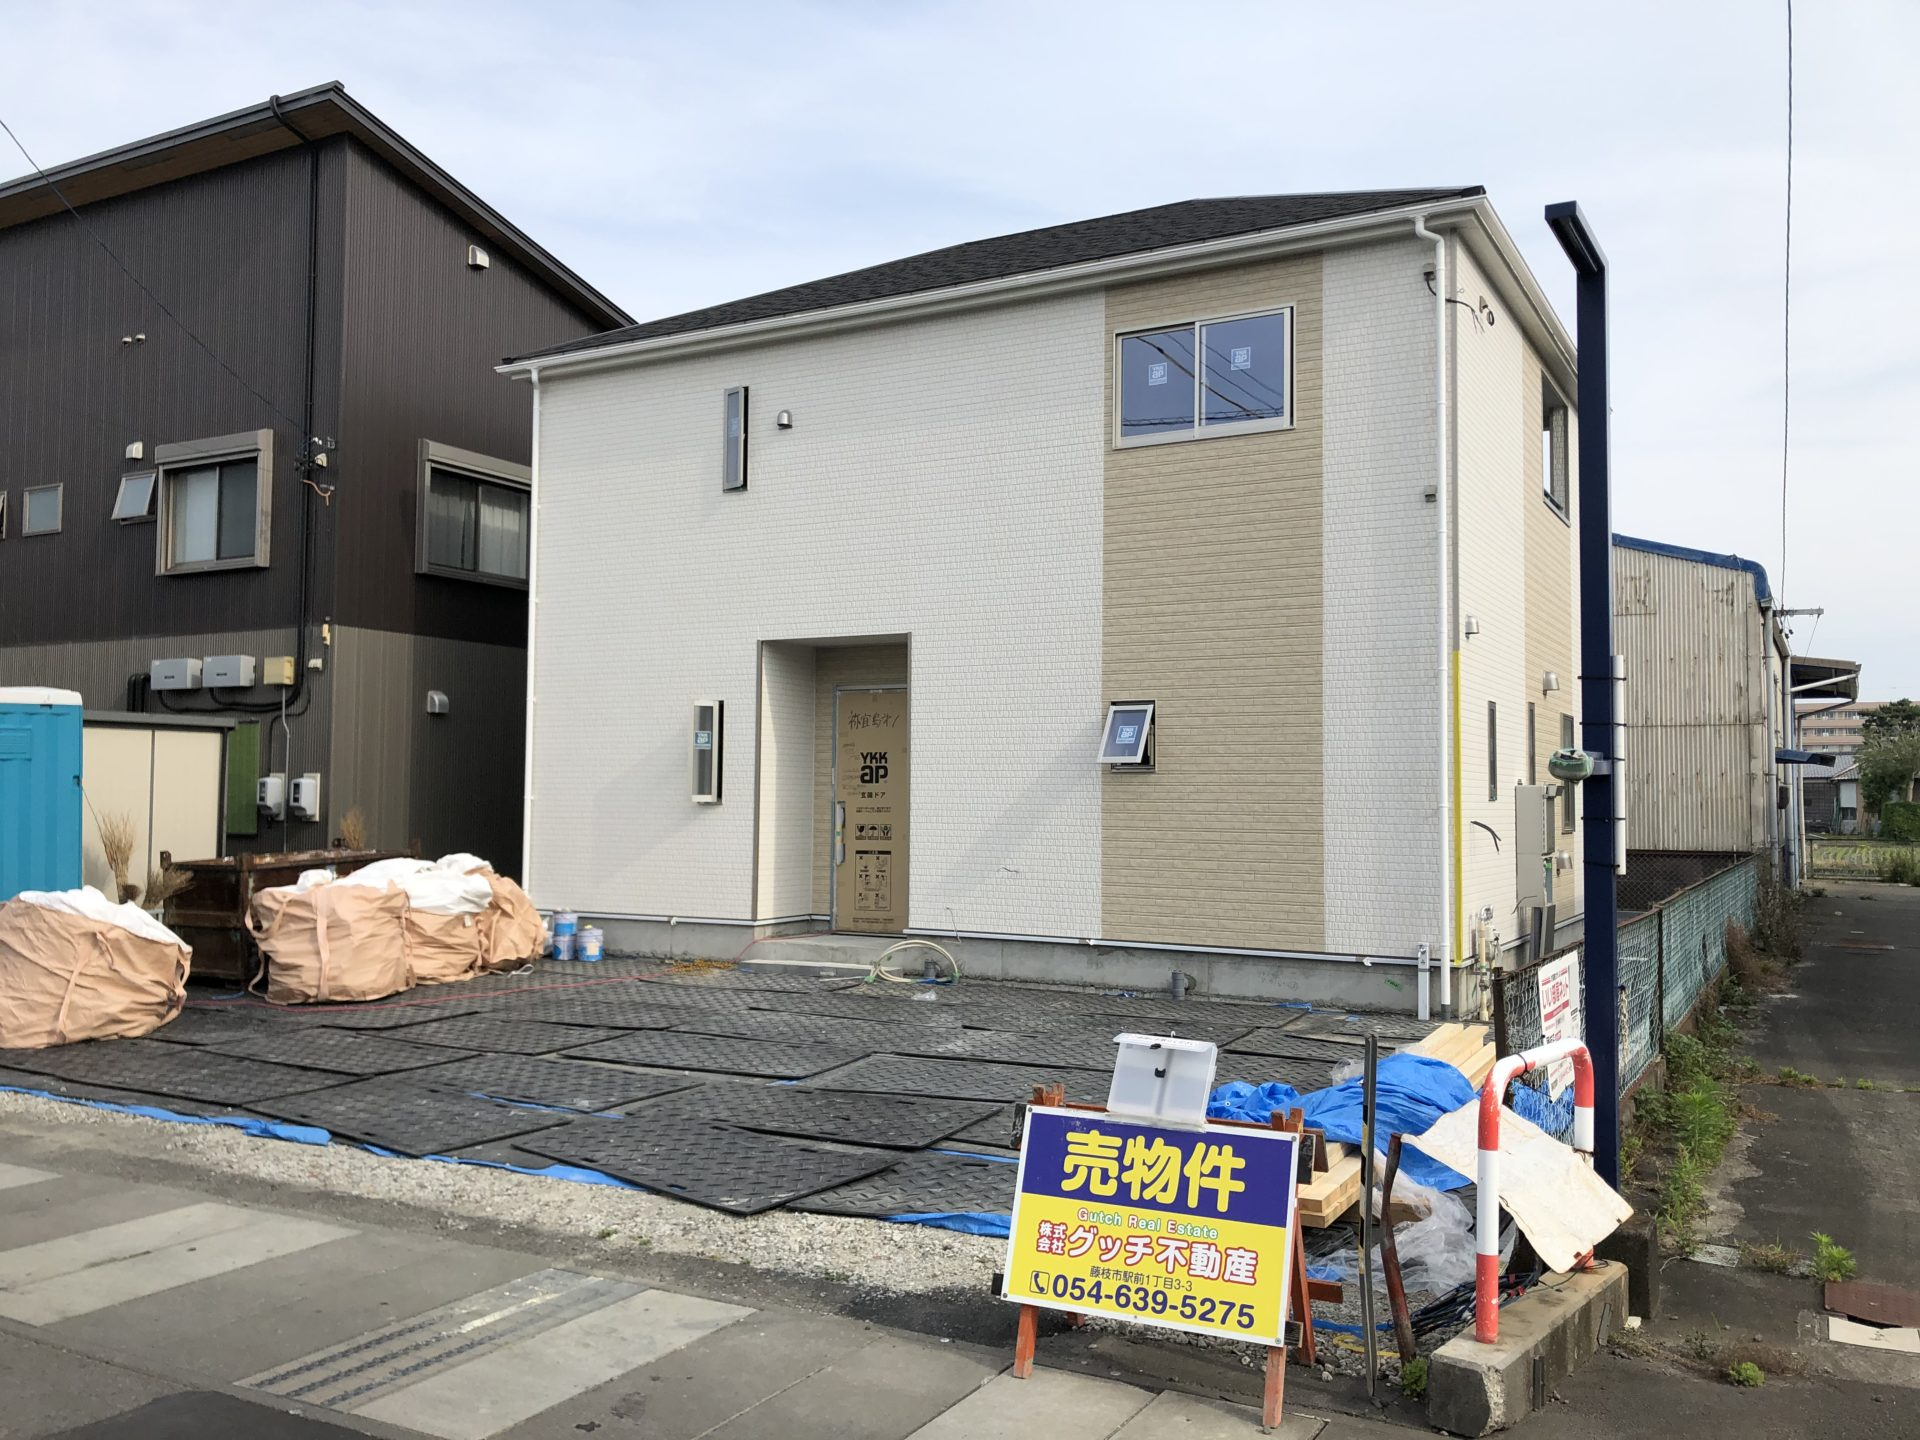 焼津市祢宜島 新築分譲住宅全1棟 イオン近く!